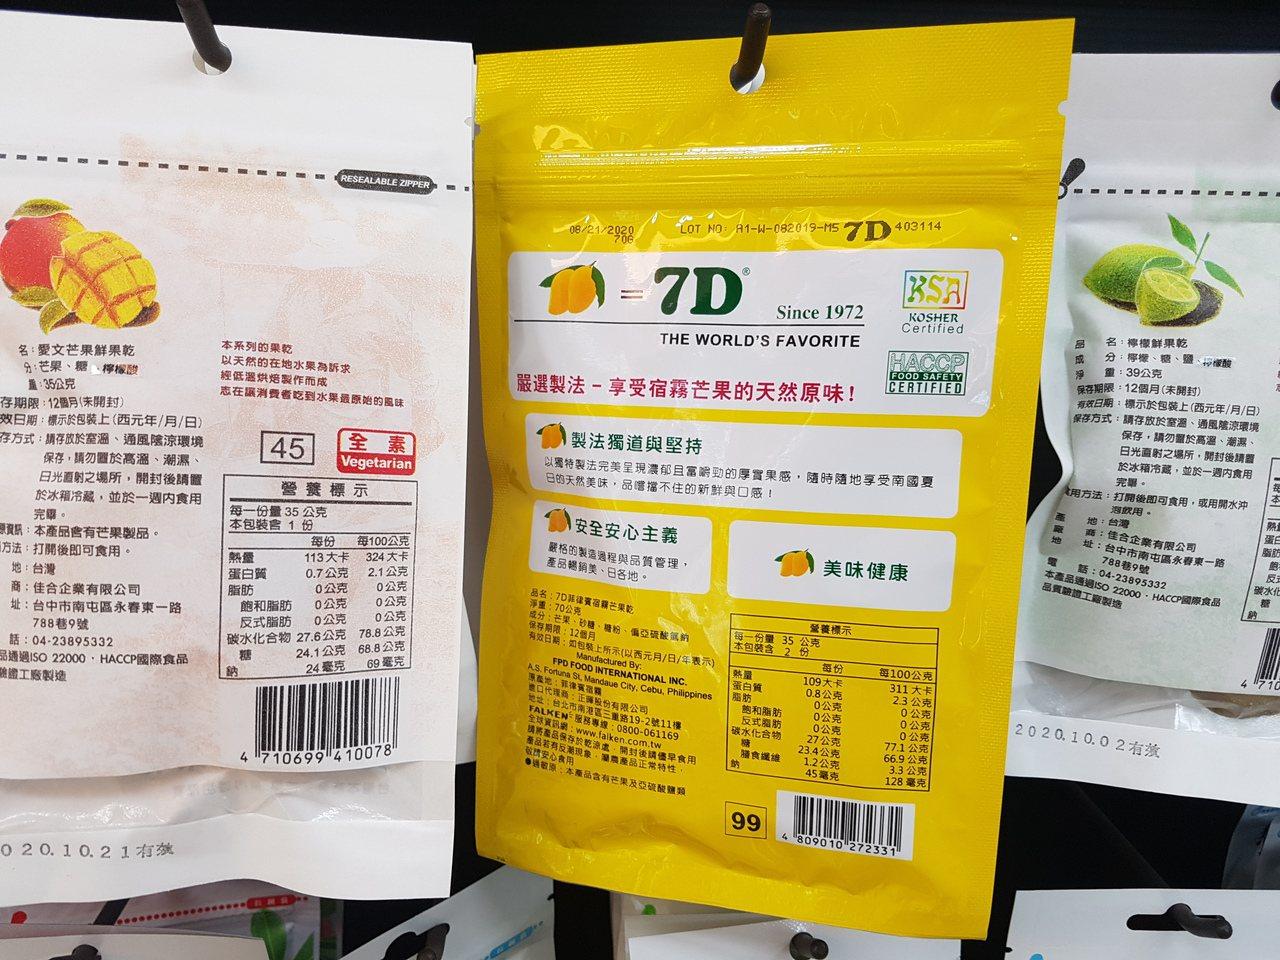 營養師提醒選擇果乾或蔬果脆片時最好能留意外包裝的加工方式和成分標示。 記者楊雅棠...